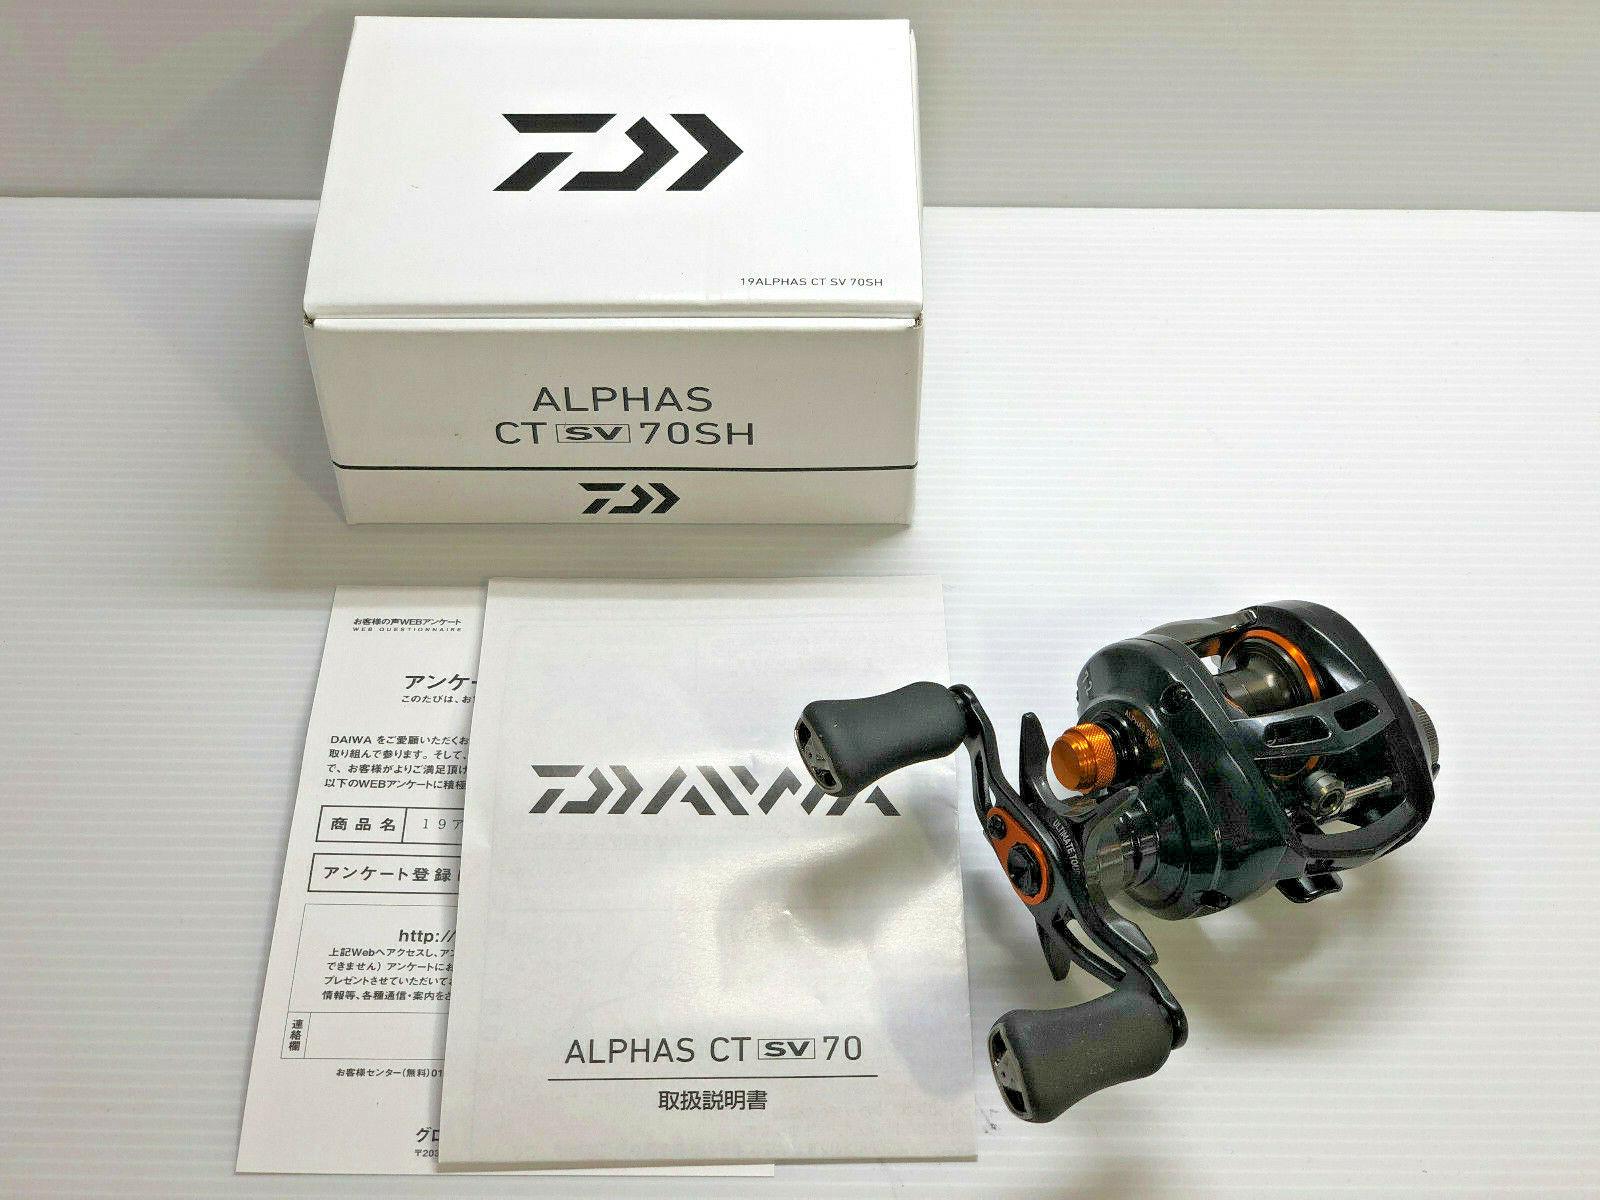 Daiwa 19 Alphas CT Sv 70SH -Envío Gratis de Japón